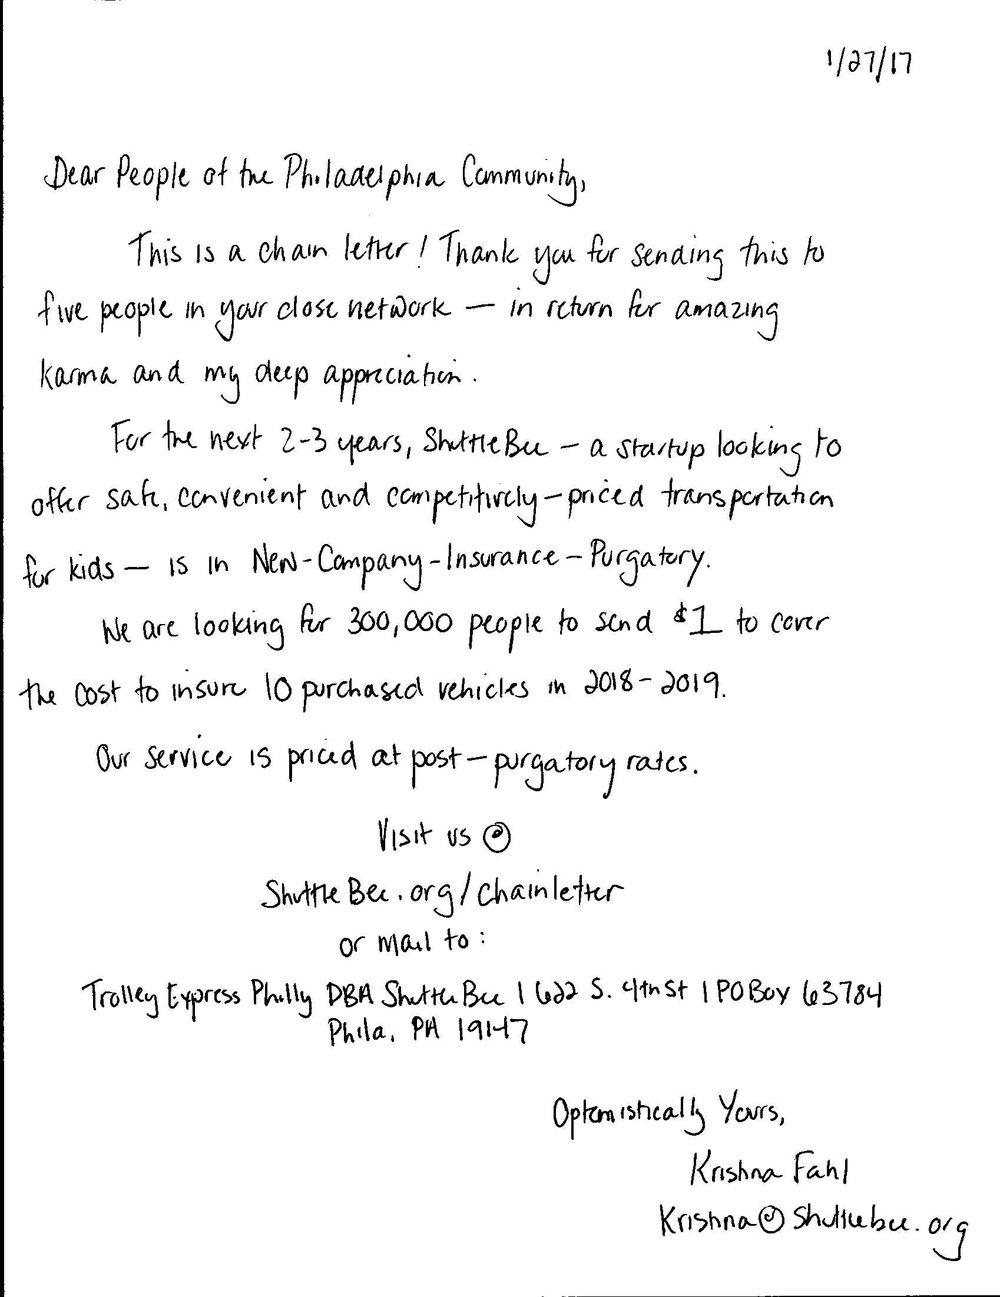 ShuttleBee Chain Letter.jpg